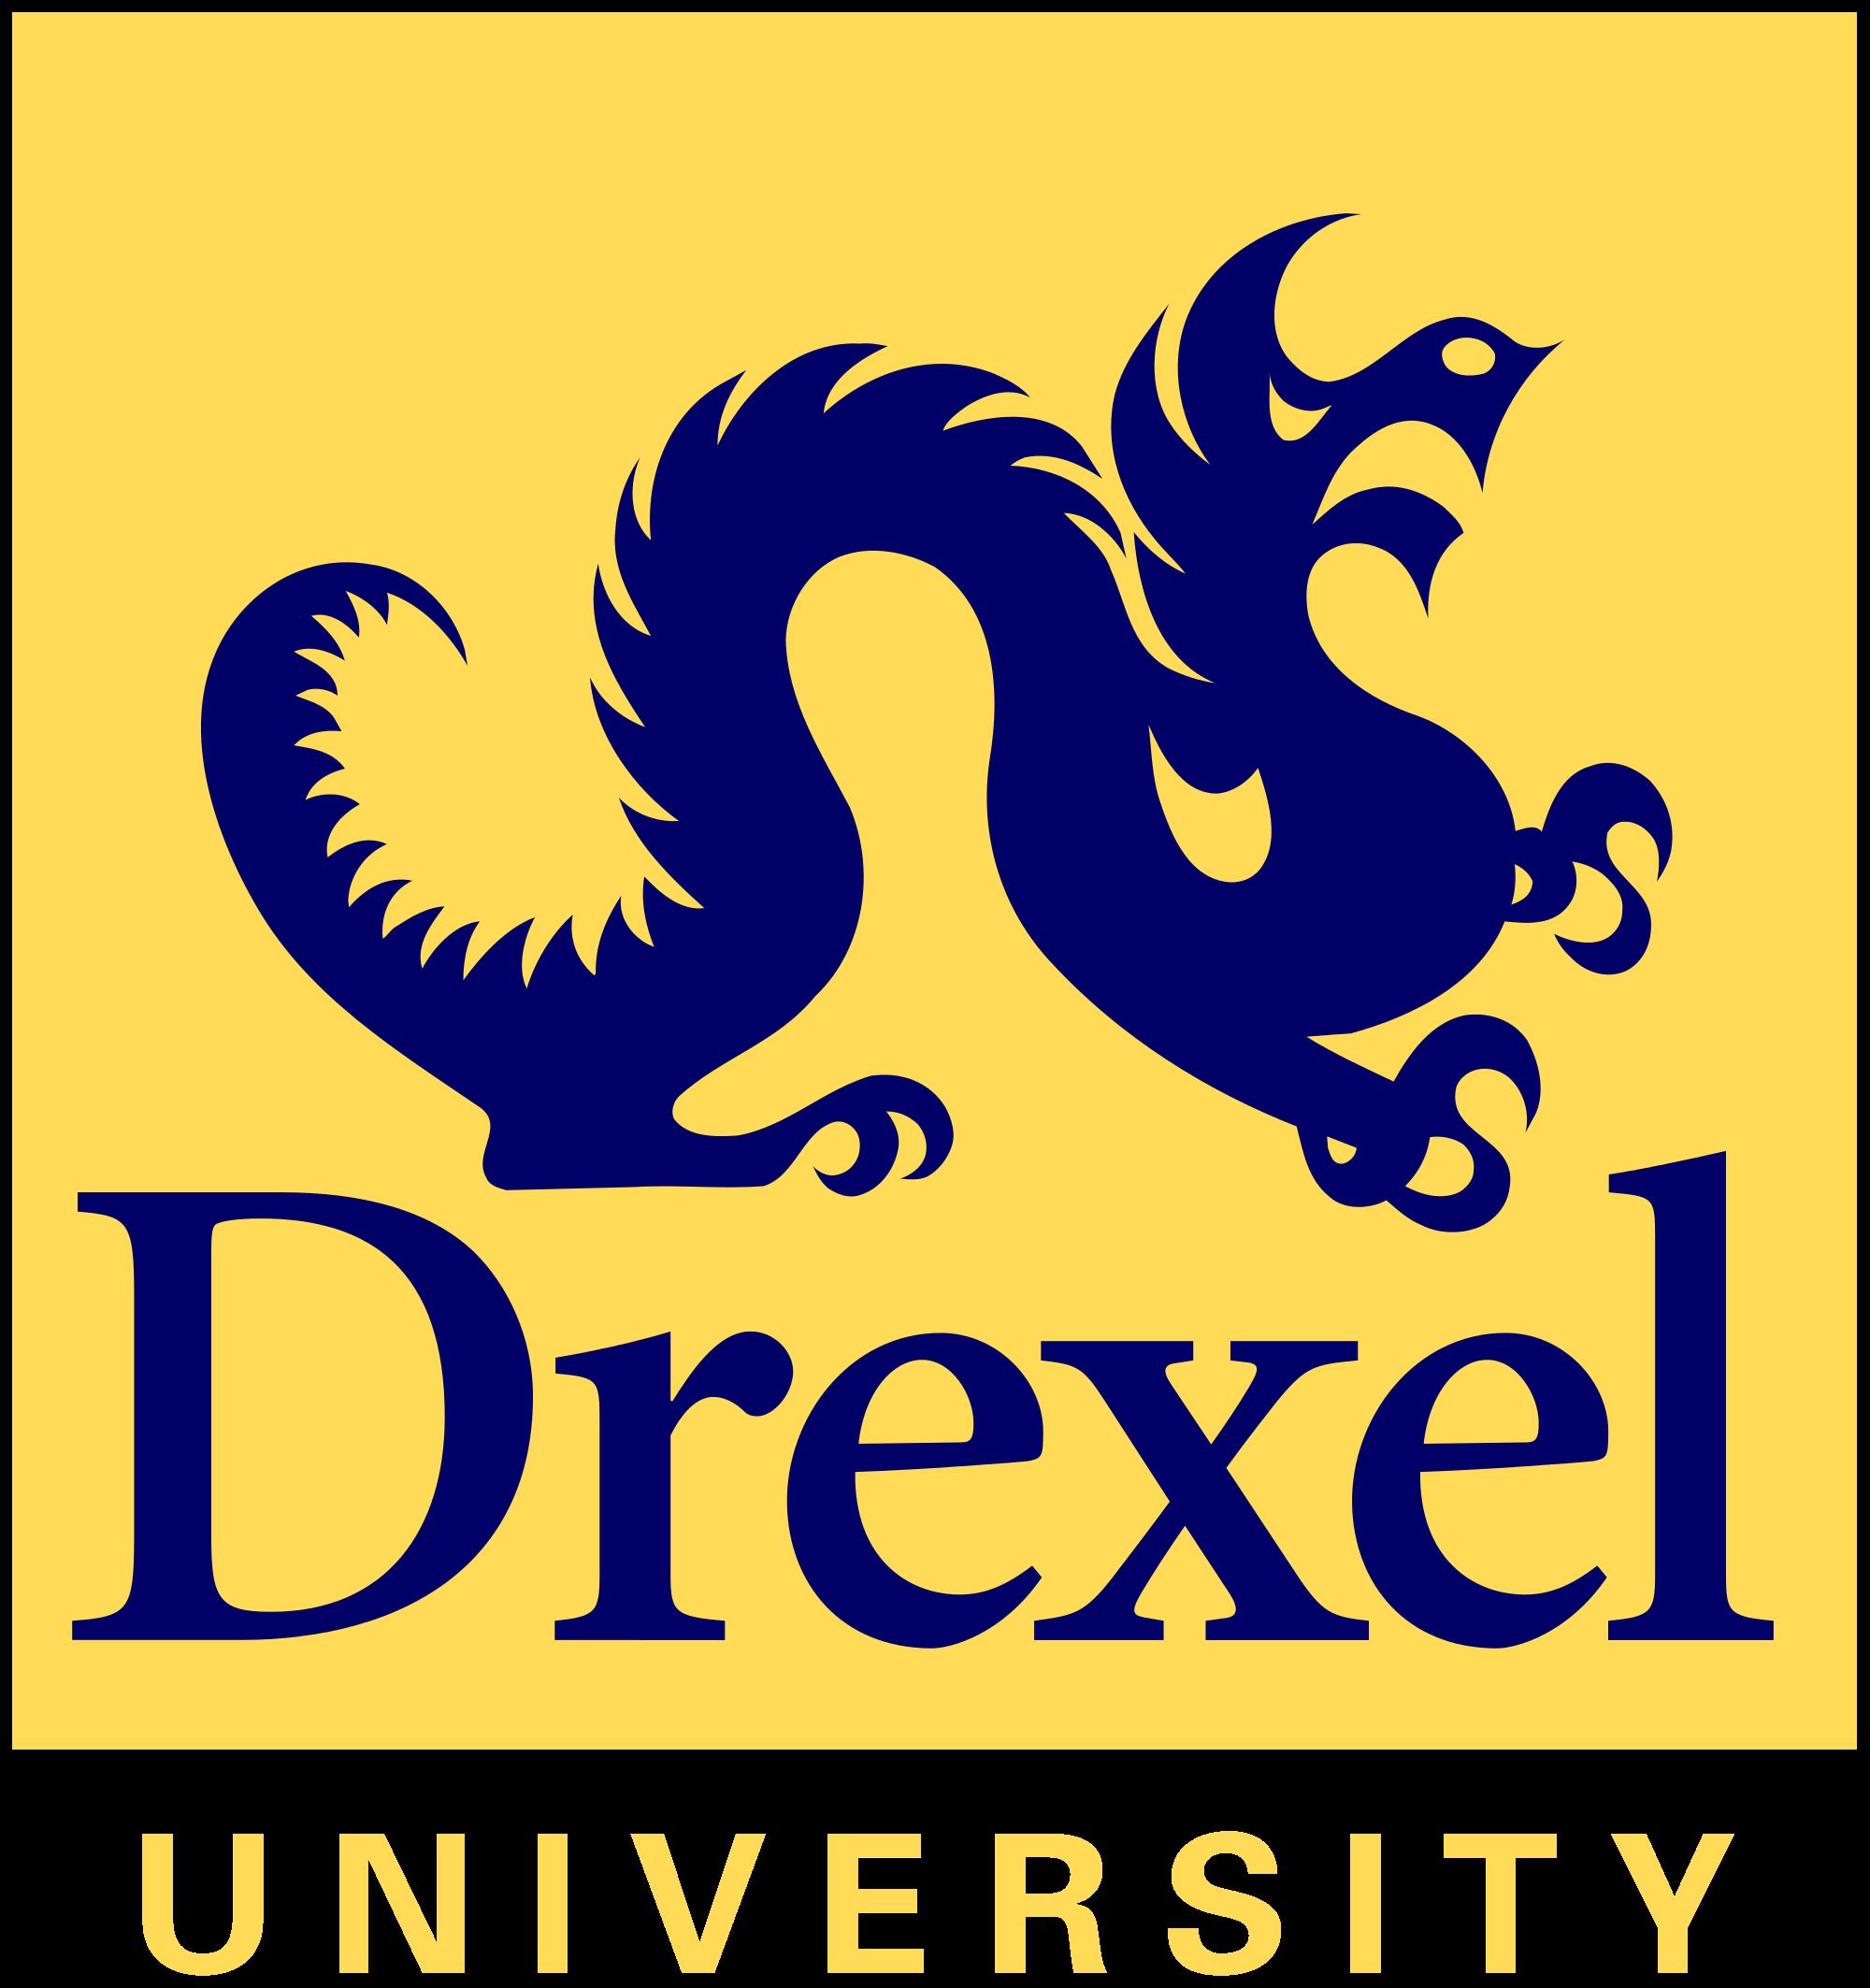 drexel university logo (With images) University logo